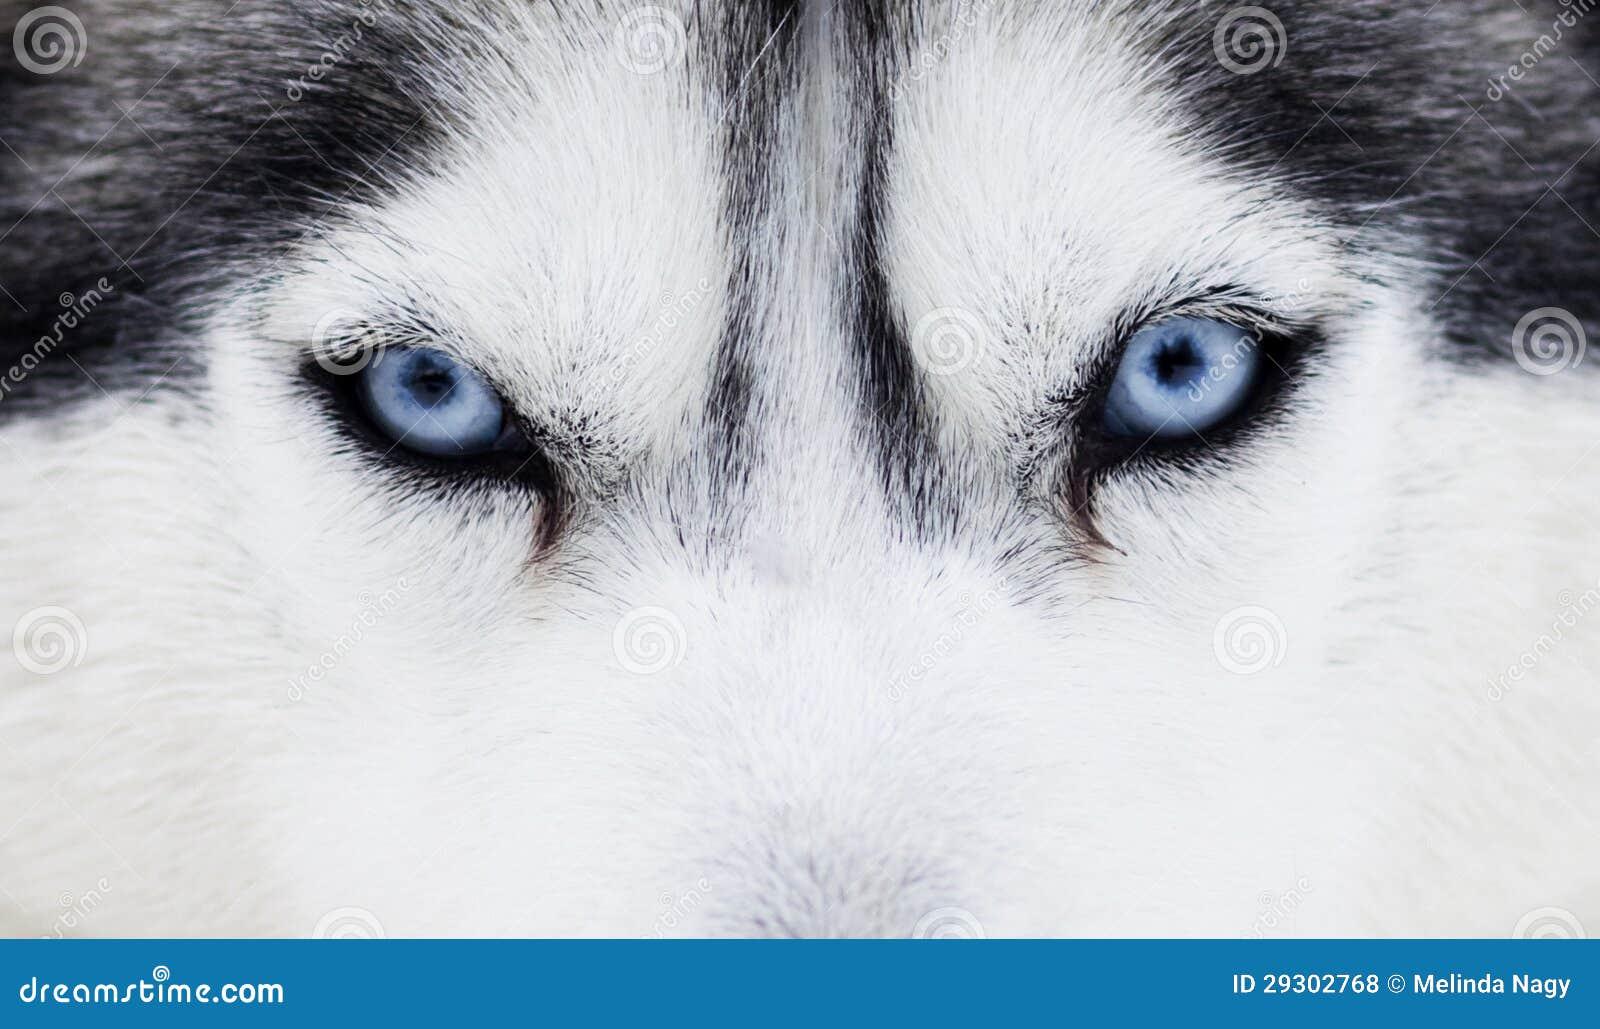 Chiuda su sugli occhi azzurri di un cane fotografia stock - Cane occhi azzurri ...